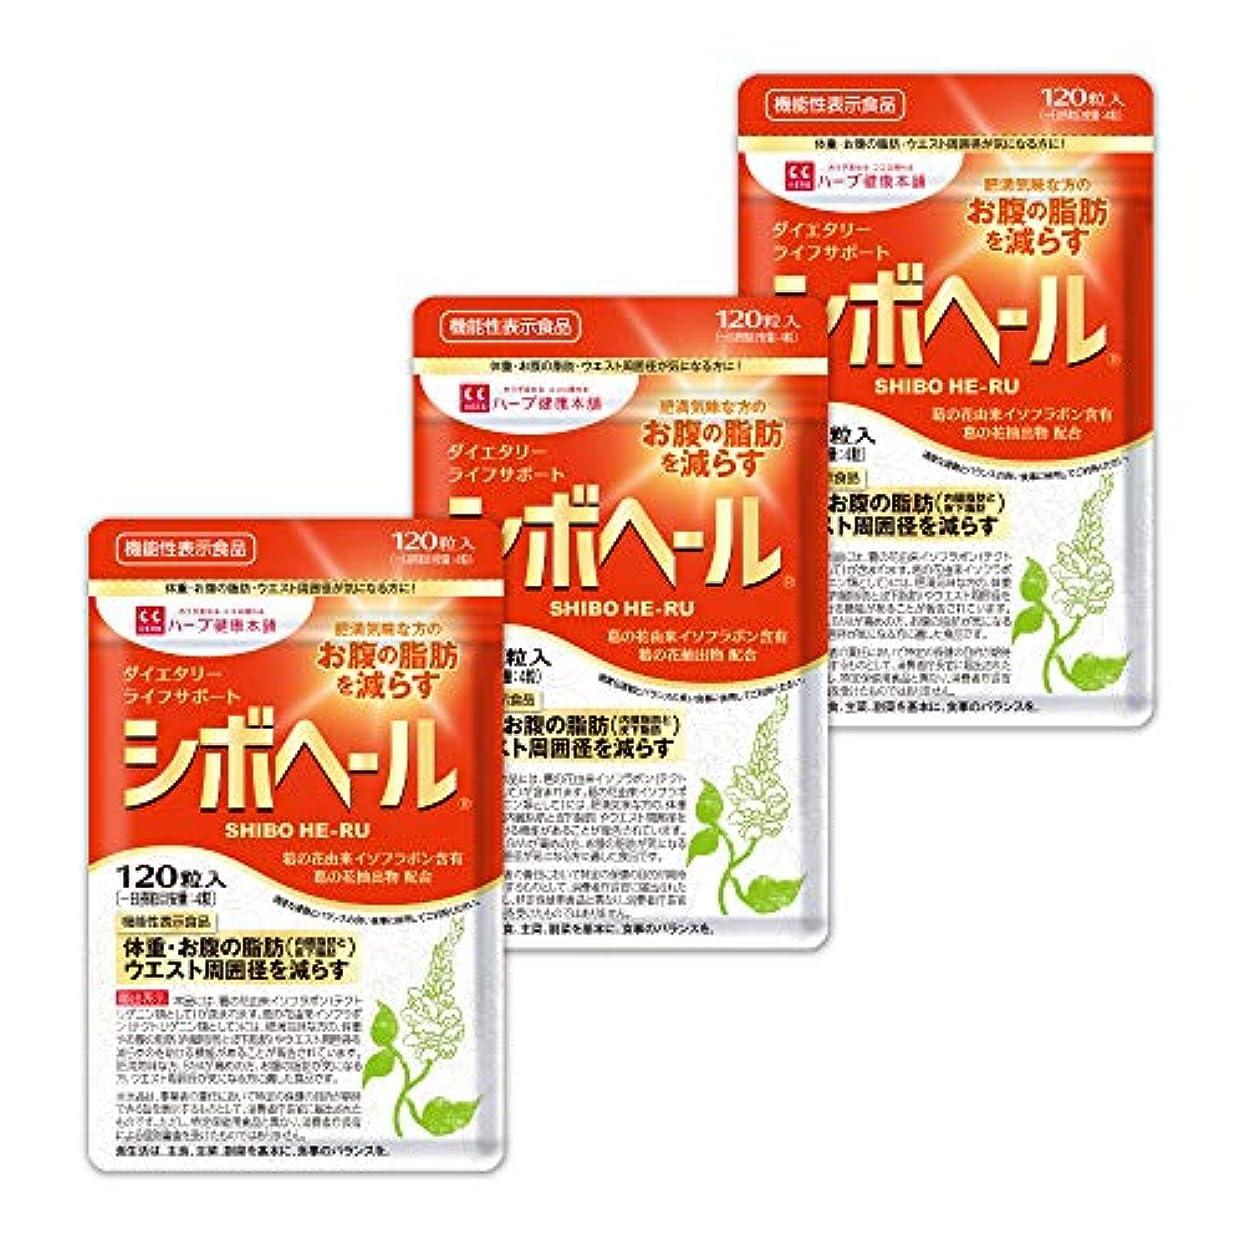 テメリティ貝殻ぶどうハーブ健康本舗 シボヘール 3袋セット[機能性表示食品]